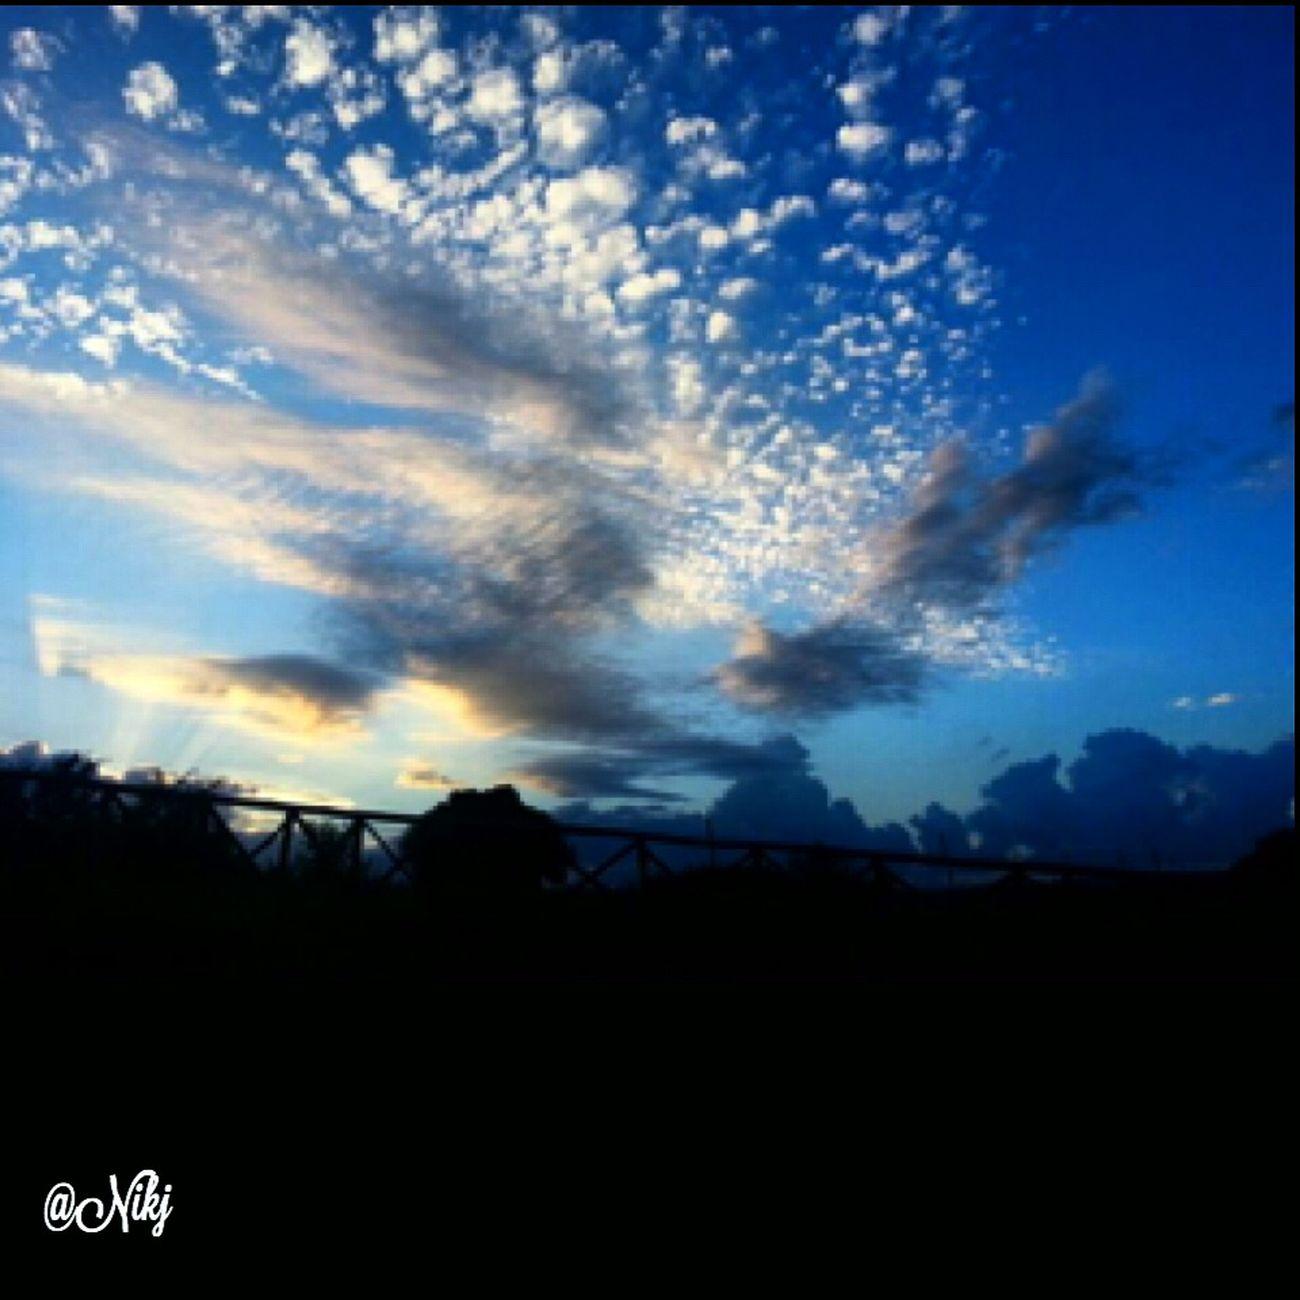 Questo è un altro aspetto rasserenante della natura: la sua immensa bellezza è lì per tutti. Nessuno può pensare di portarsi a casa un'alba o un tramonto. (Tiziano Terzani) Sunset #sun #clouds #skylovers #sky #nature #beautifulinnature #naturalbeauty Photography Landscape ? Sunset #sun #clouds #skylovers #sky #nature #beautifulinnature #naturalbeauty #photography #landscape Sunrise_sunsets_aroundworld Fotografia_italiana 🌹 Tramonti__italiani 😊 Goldenhour 🌸 Sunset And Clouds  ❤️ Tramonti_italiani